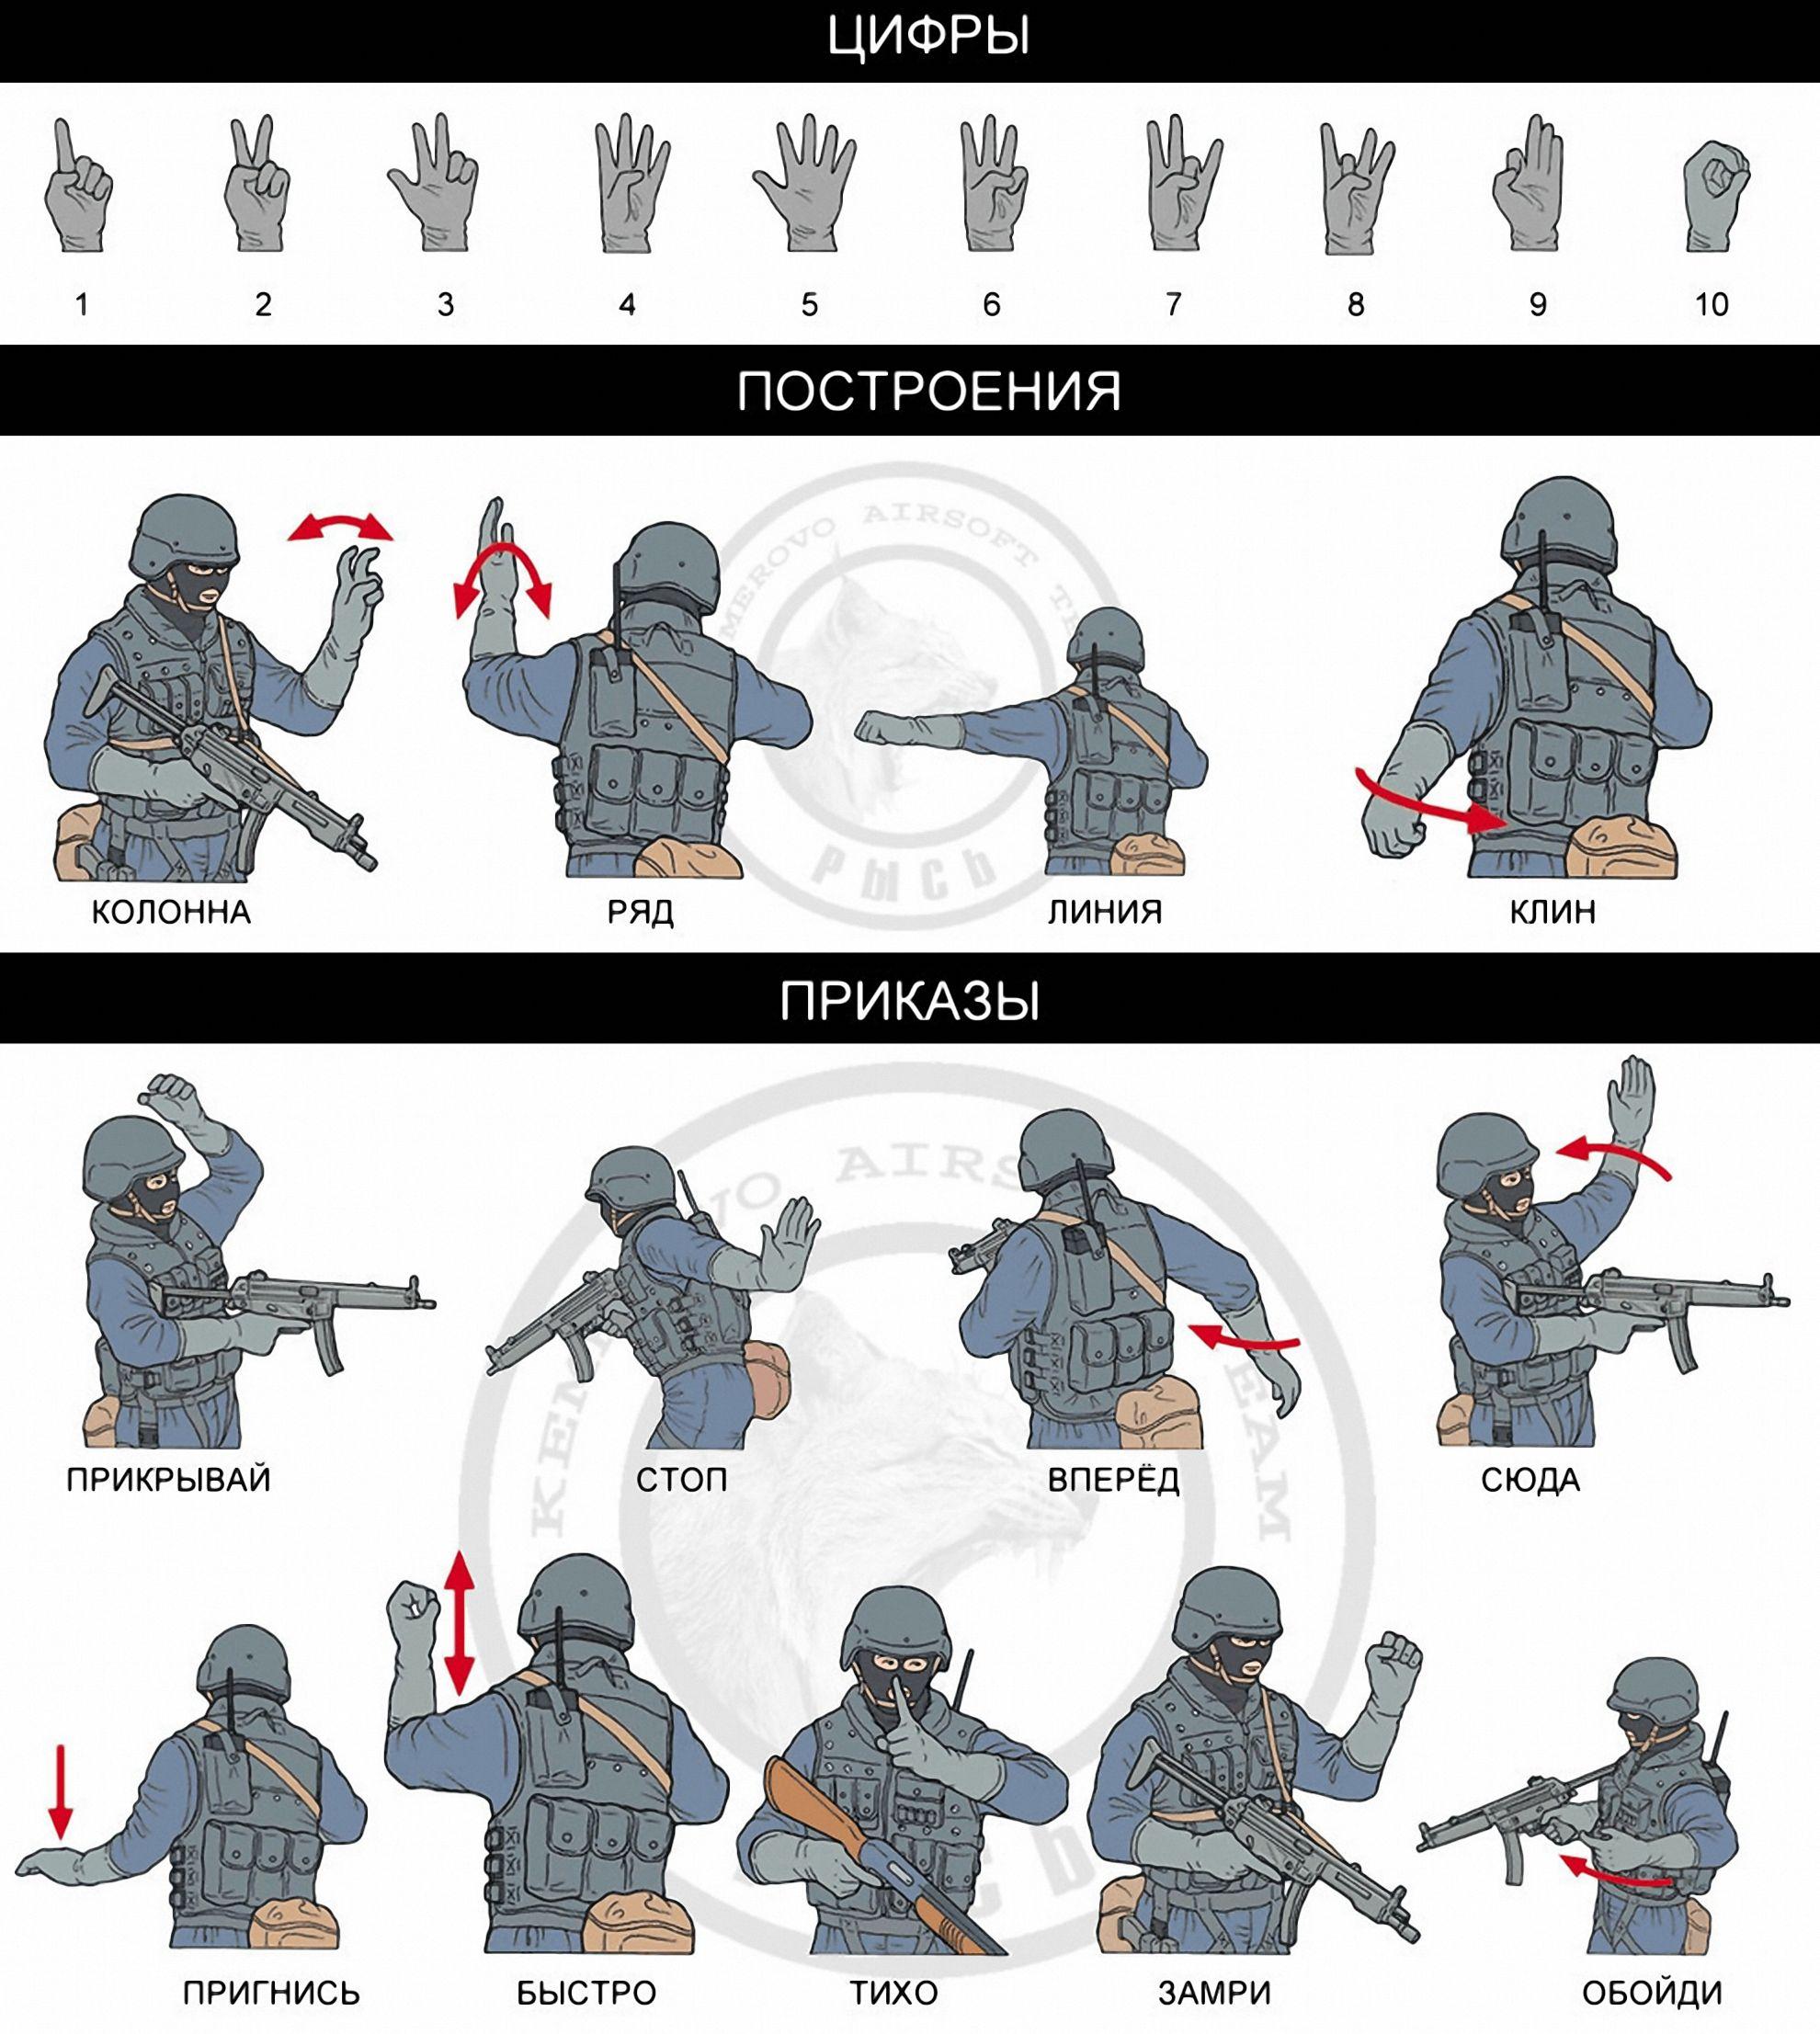 ессентуках жесты спецназа и их значение картинки спондилоэпифизарная